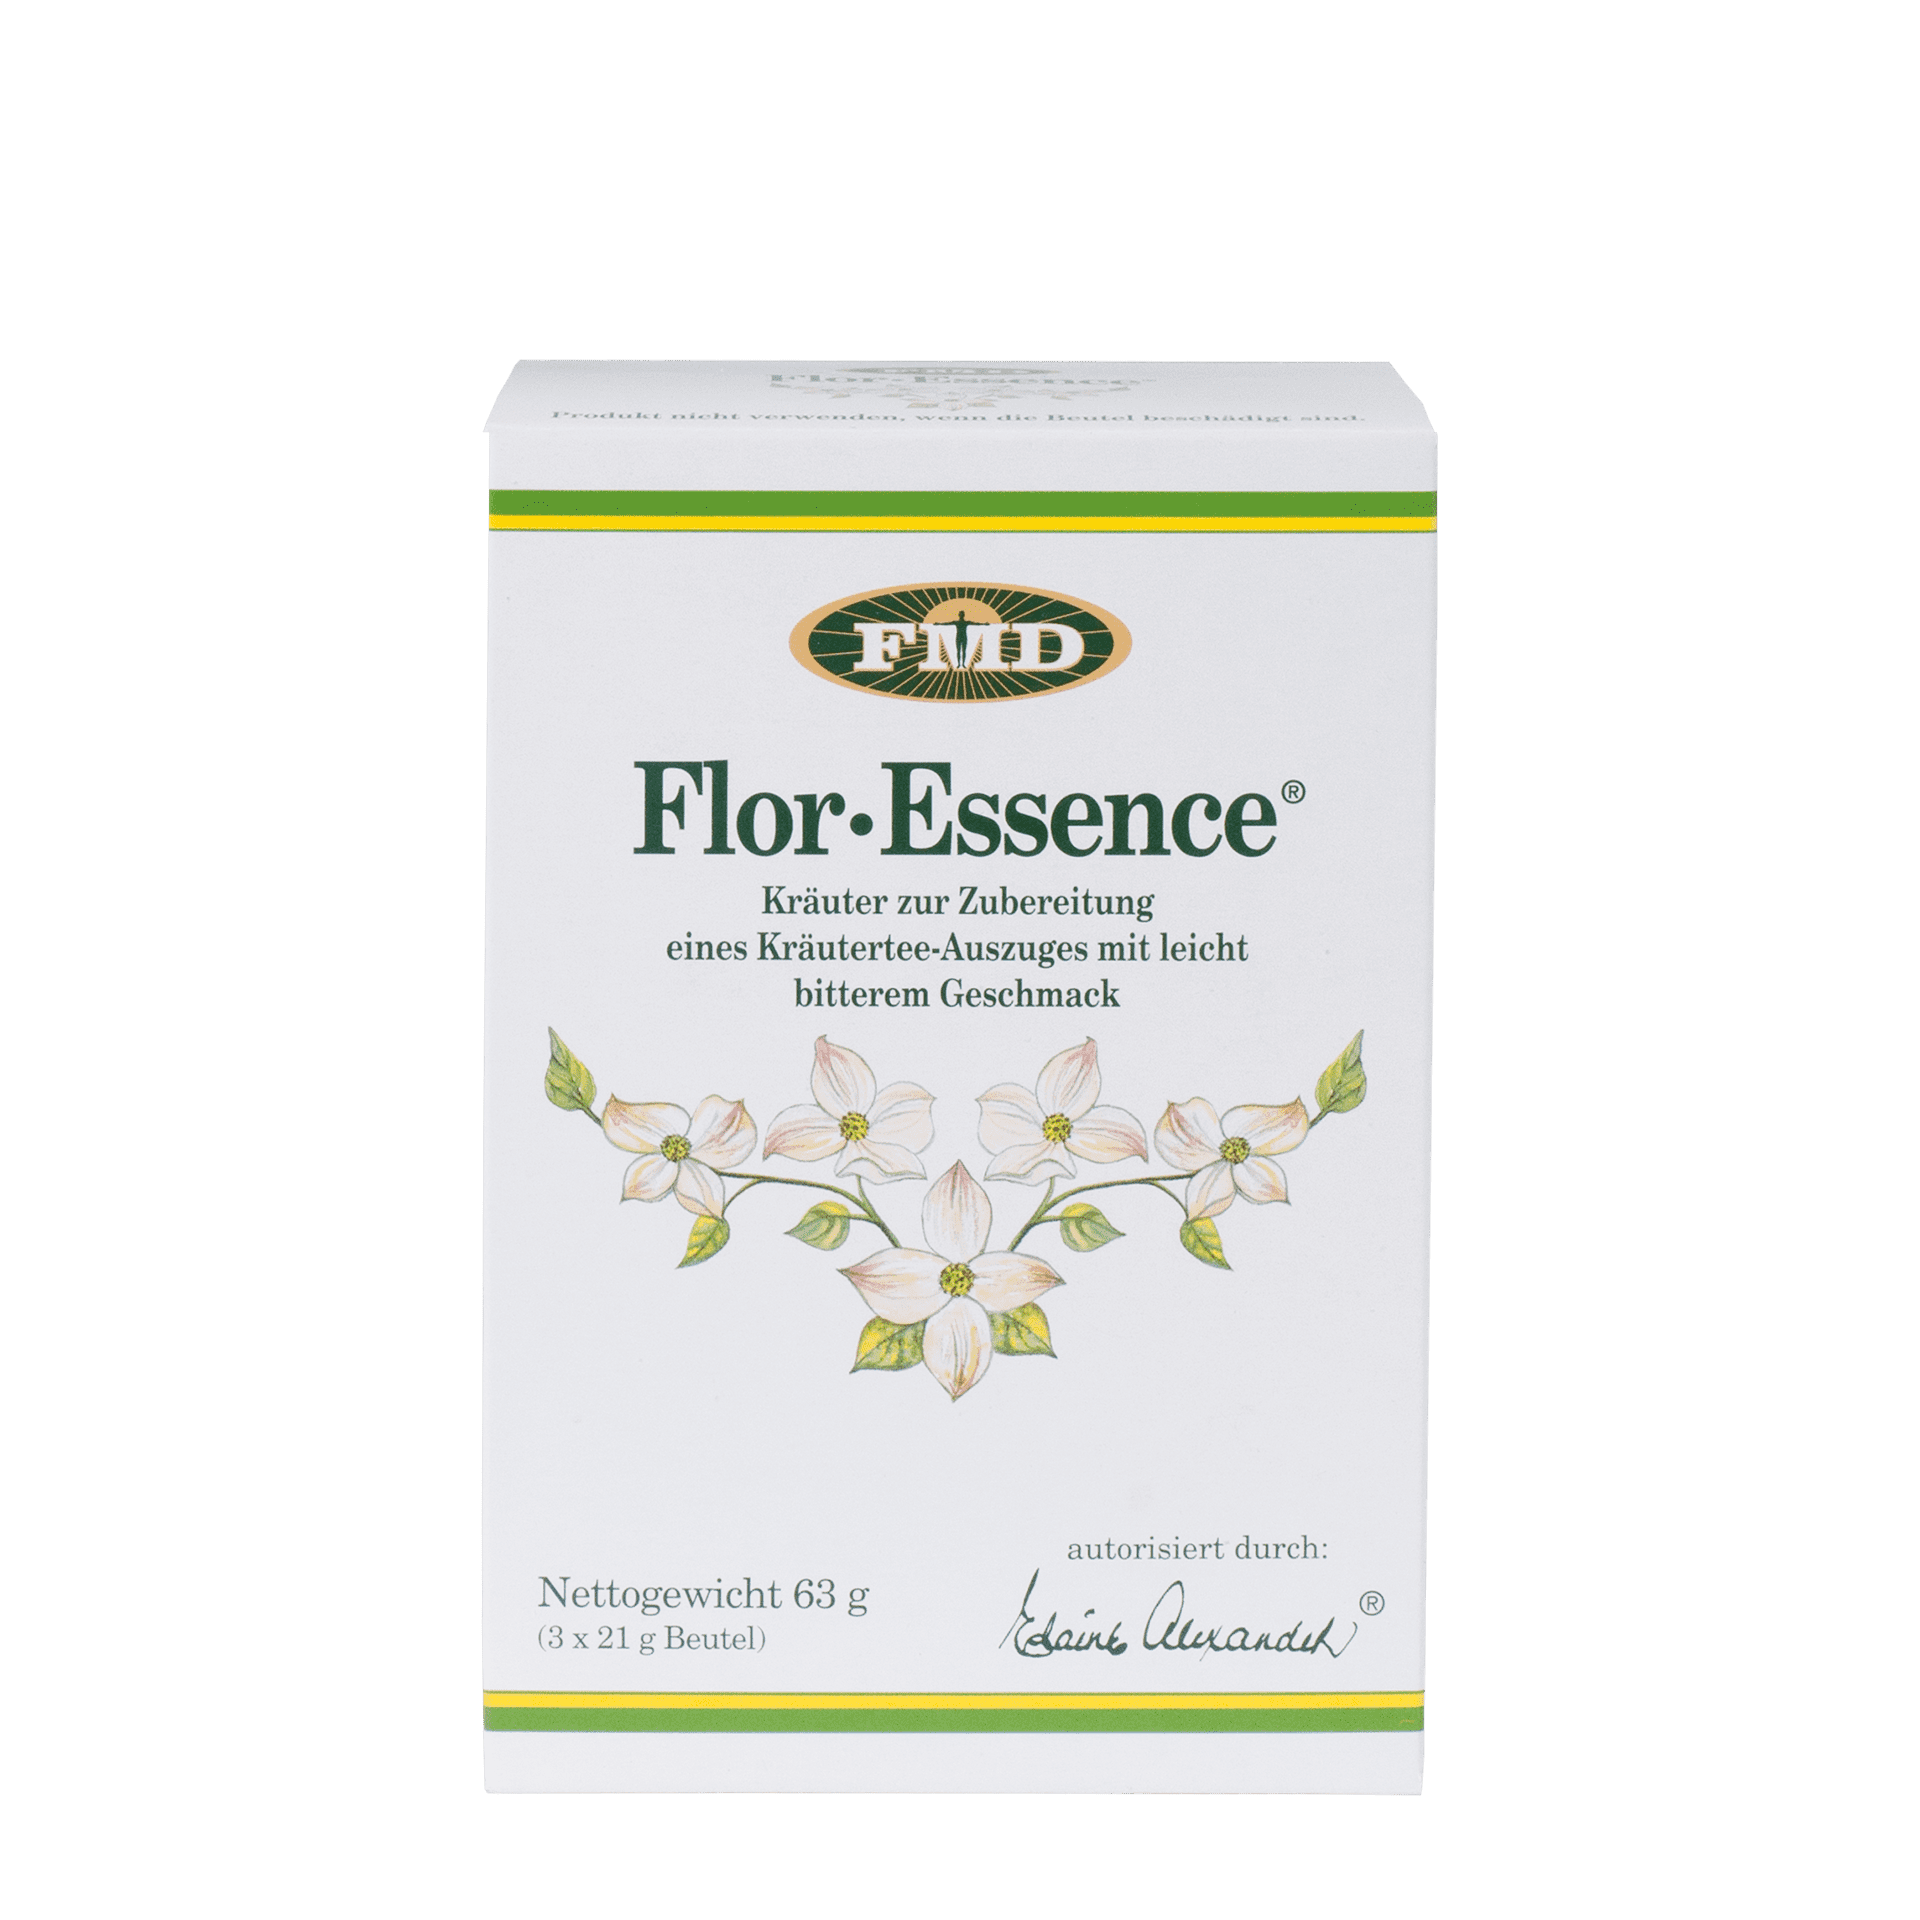 Flor Essence Kräutermischung, 3 x 21g